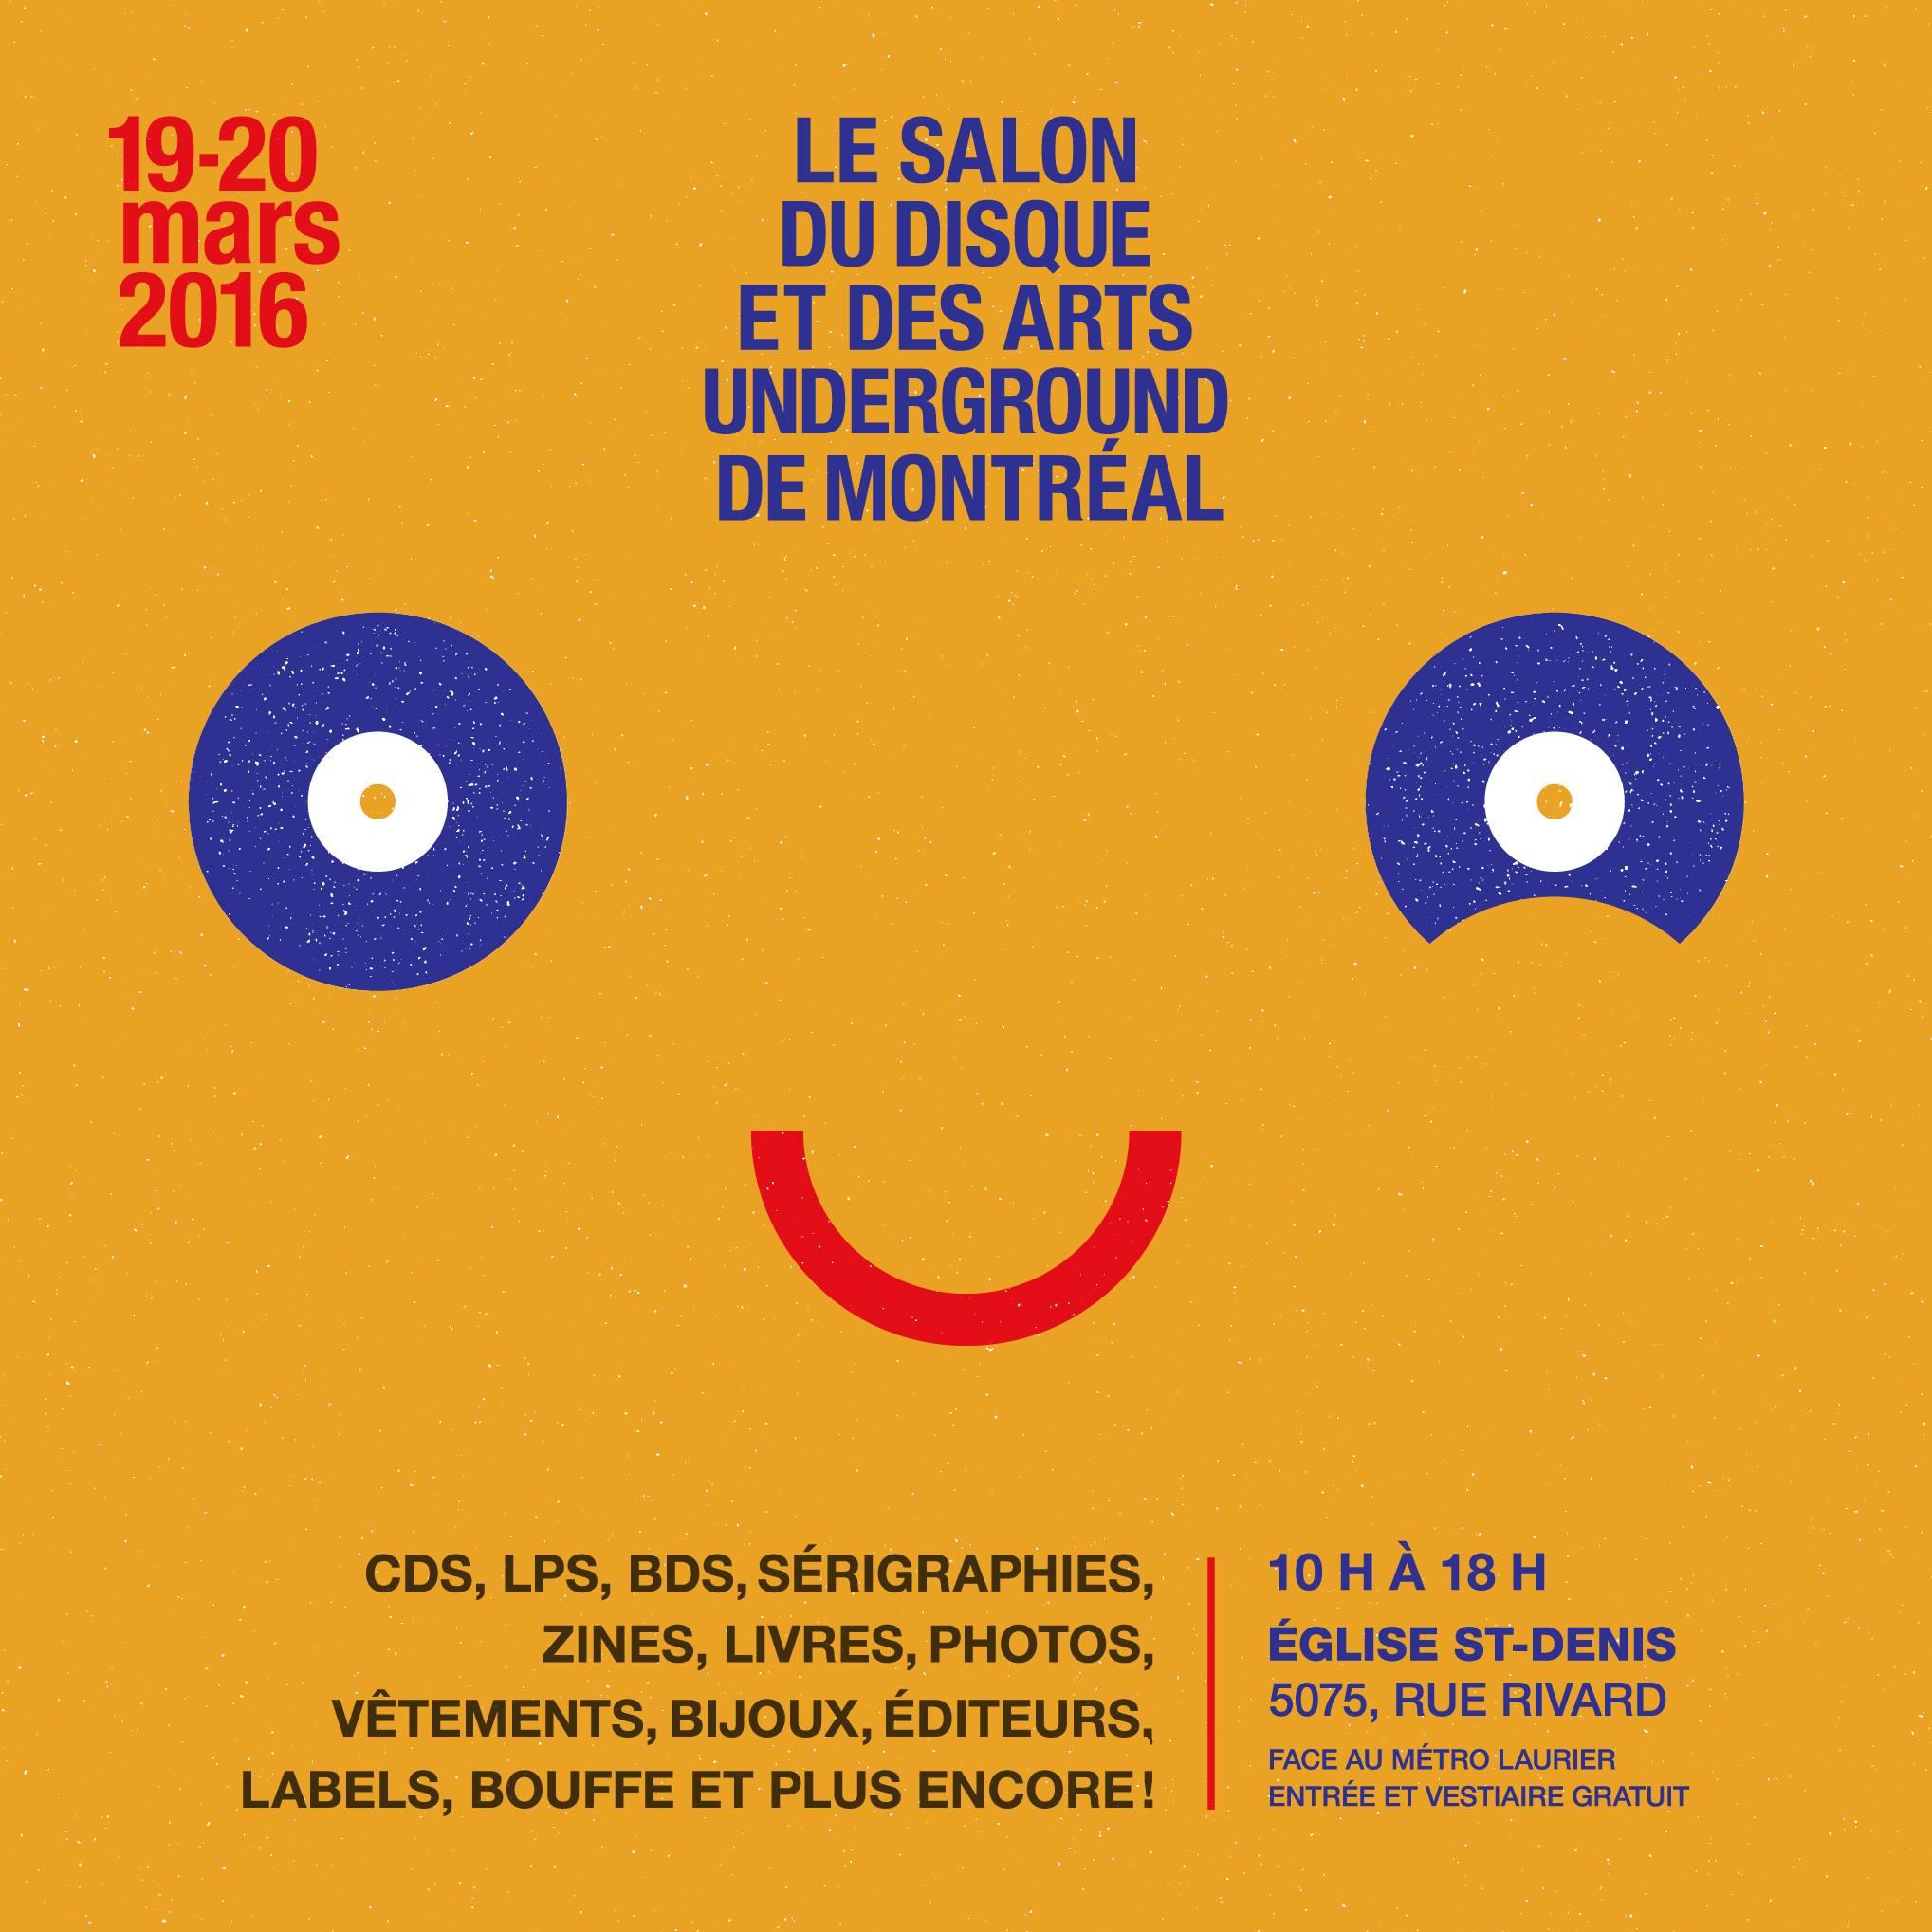 Salon du disque et des arts underground